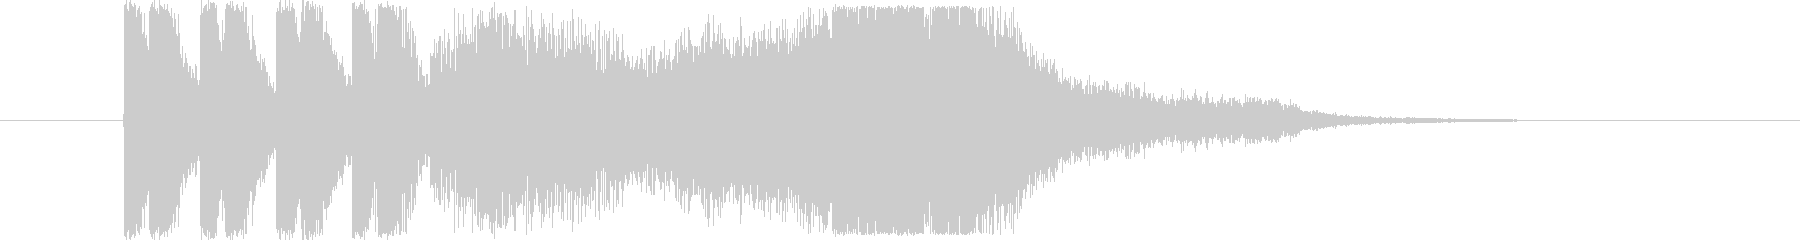 情報通信をイメージしたショートジングル!の未再生の波形